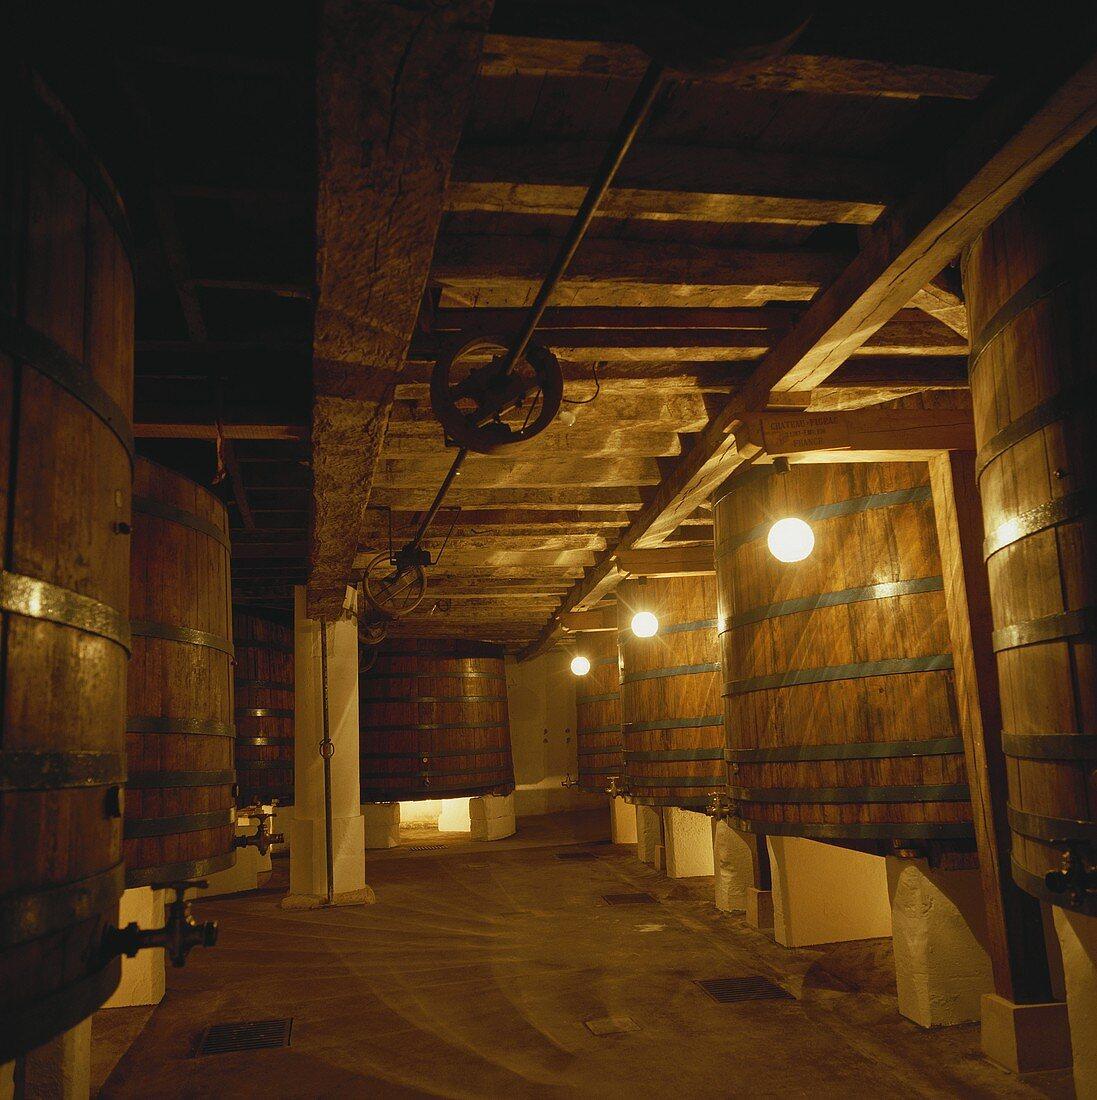 Wine cellar of Chateau Figeac, St. Emilion, Bordeaux